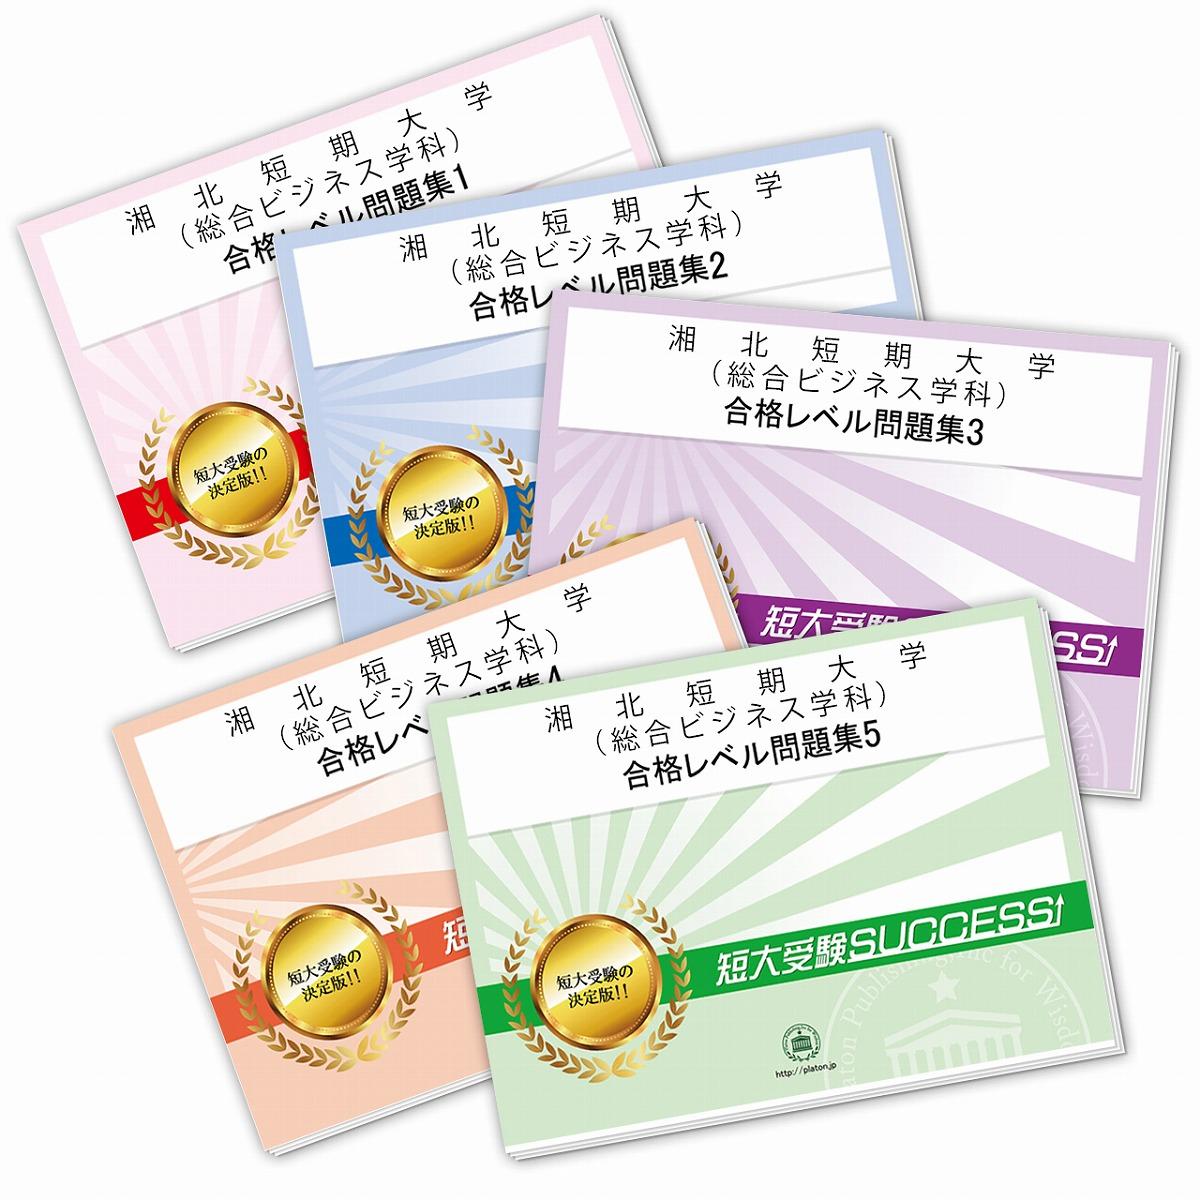 【送料・代引手数料無料】湘北短期大学(総合ビジネス学科)受験合格セット(5冊)